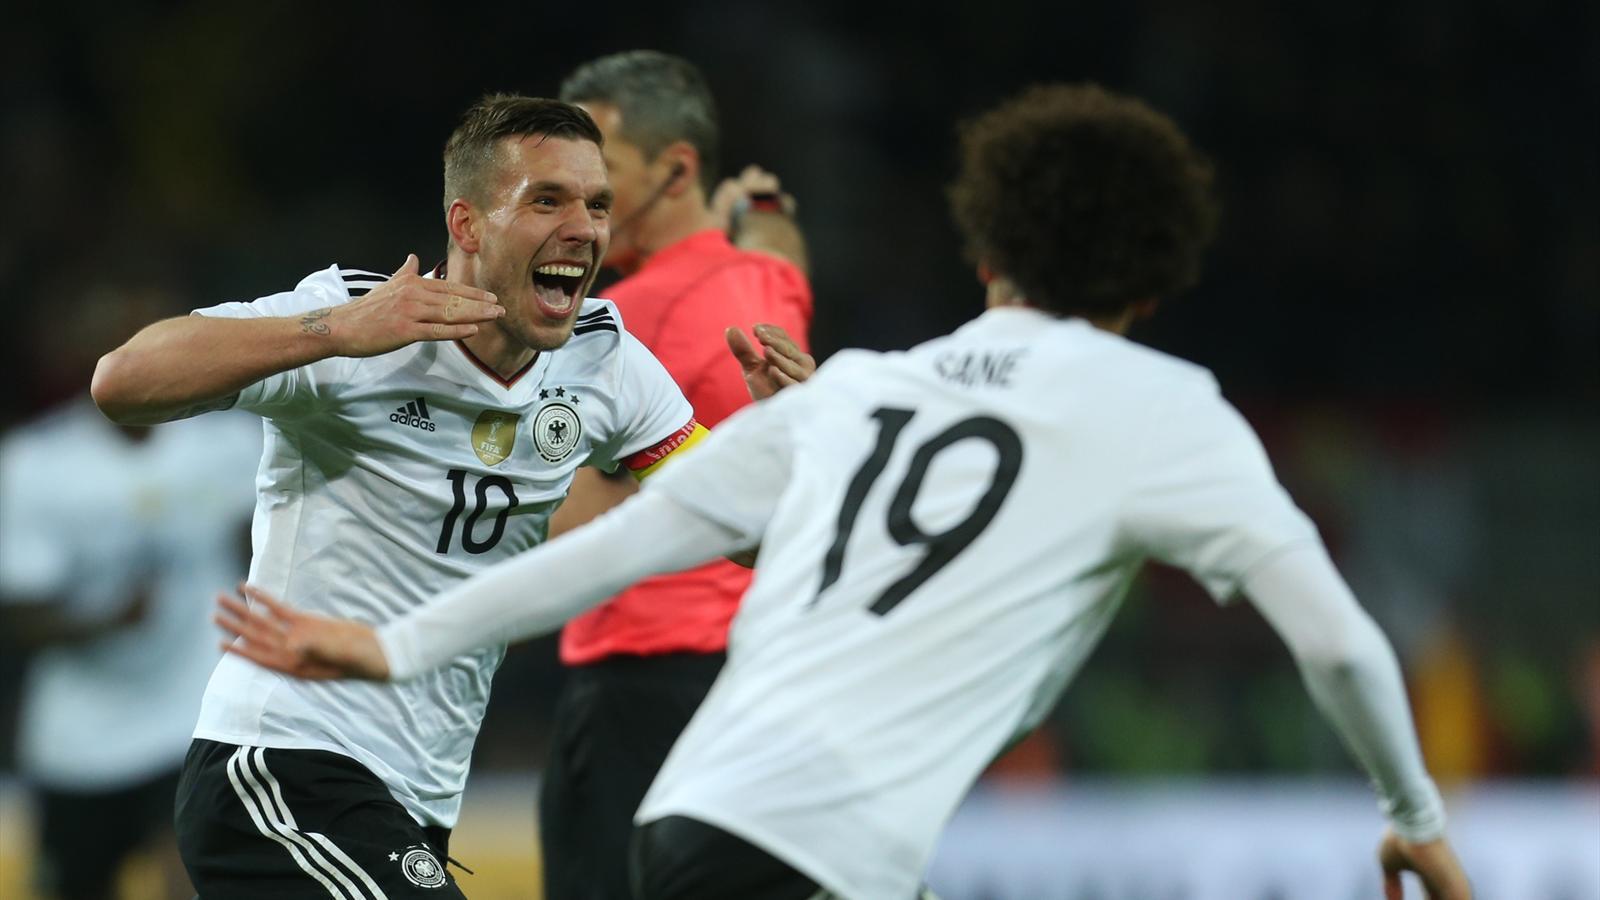 Lukas Podolski Kommentiert Sein Tor Des Jahres Cybermagicnu